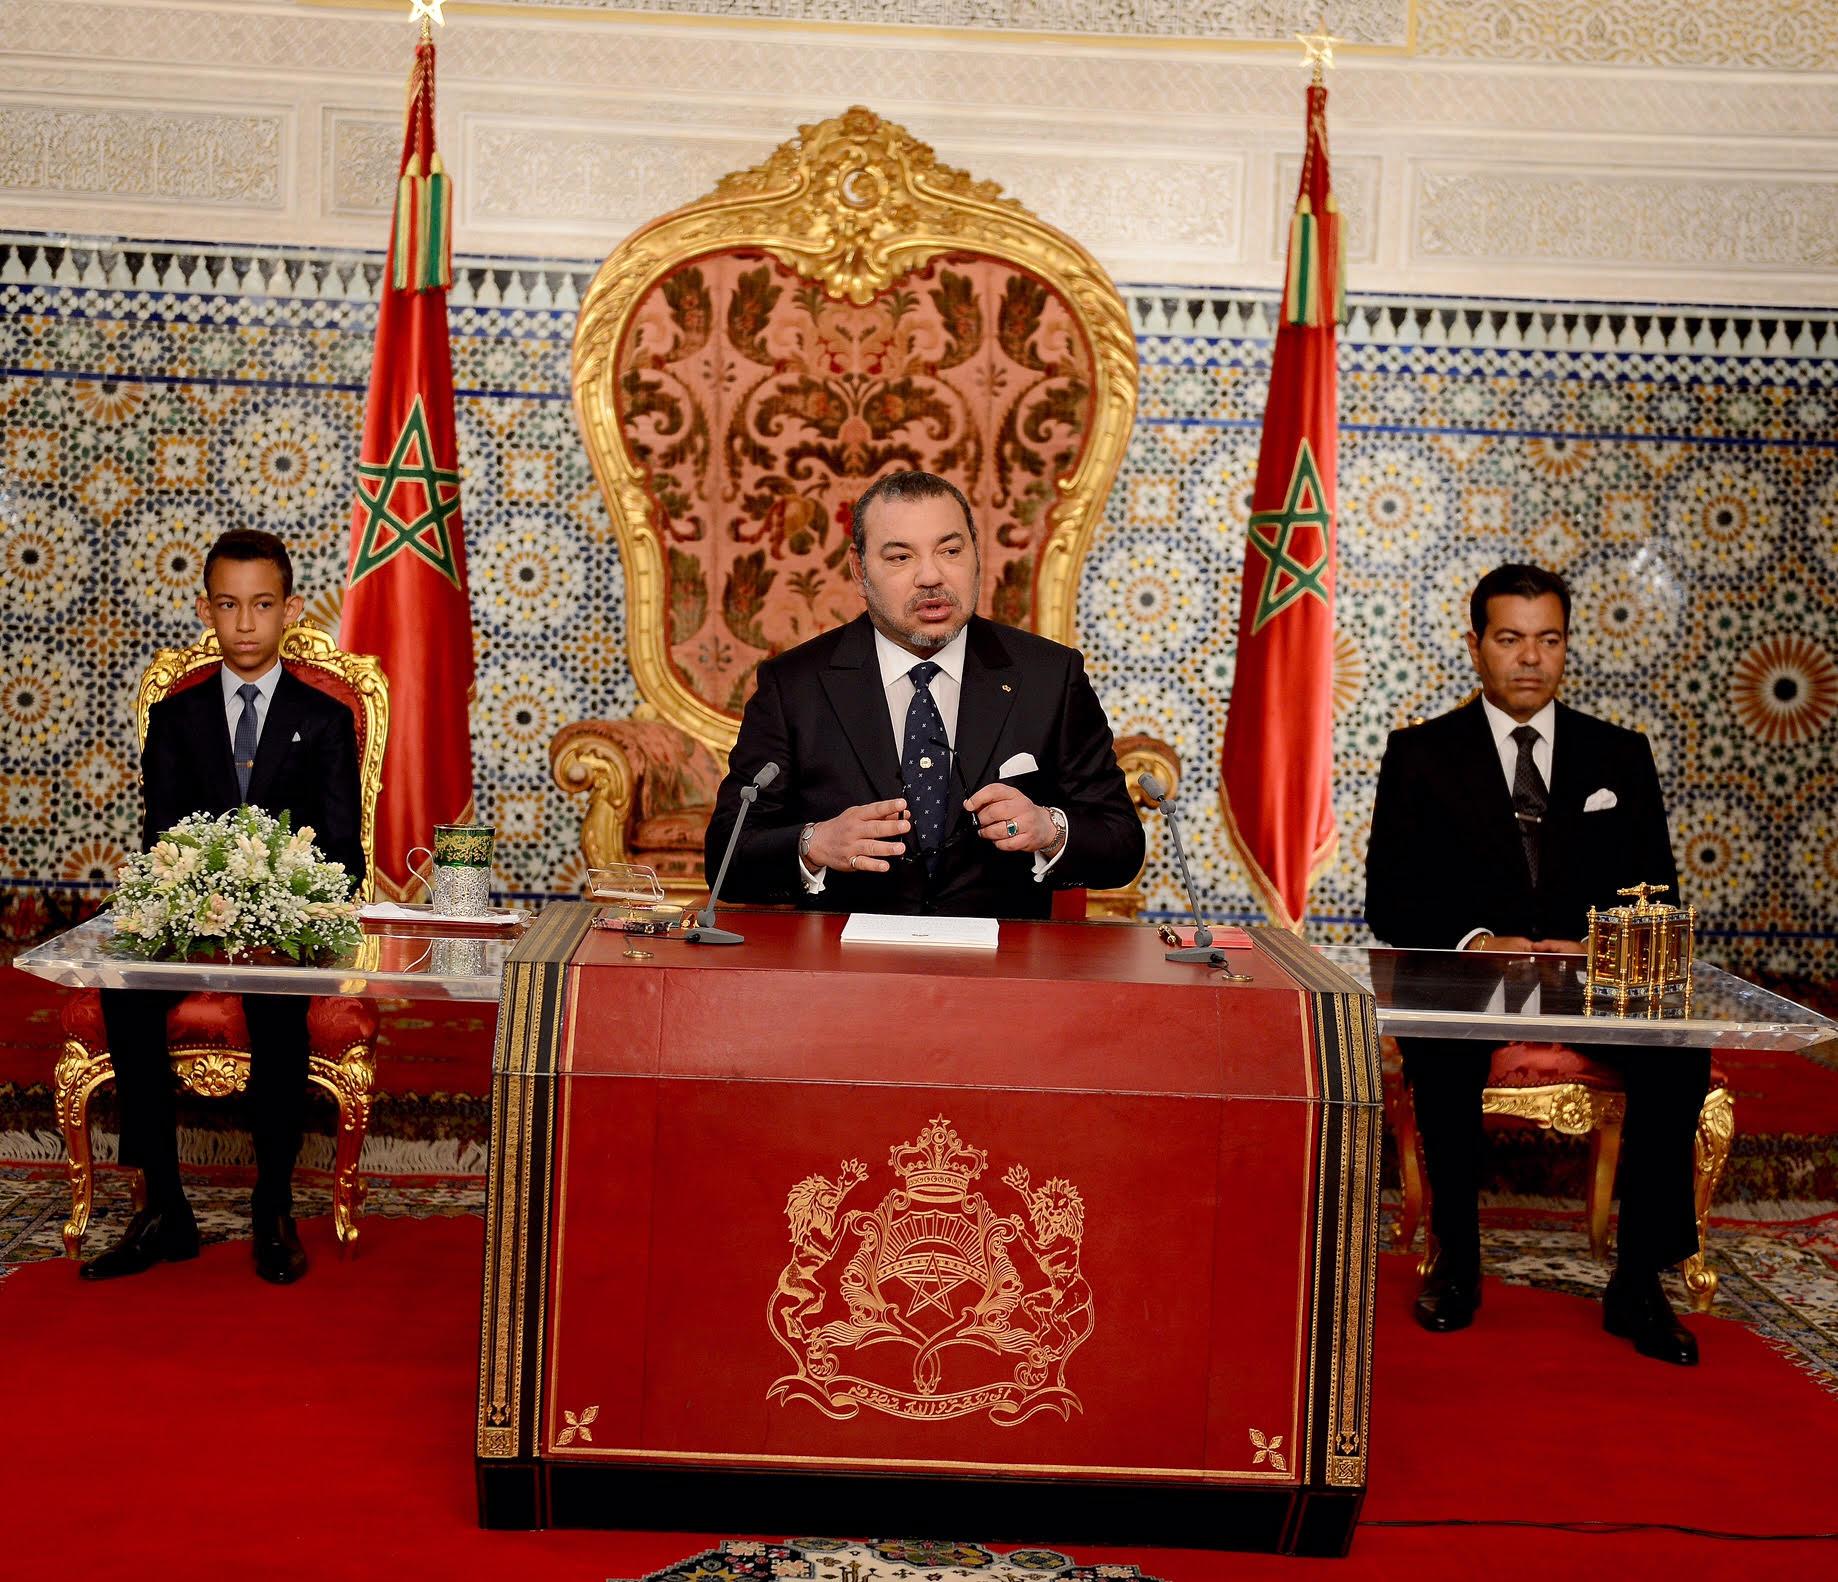 خطاب العرش : المغرب لن يسمح أبدا بالتطاول على سيادته ووحدته الترابية